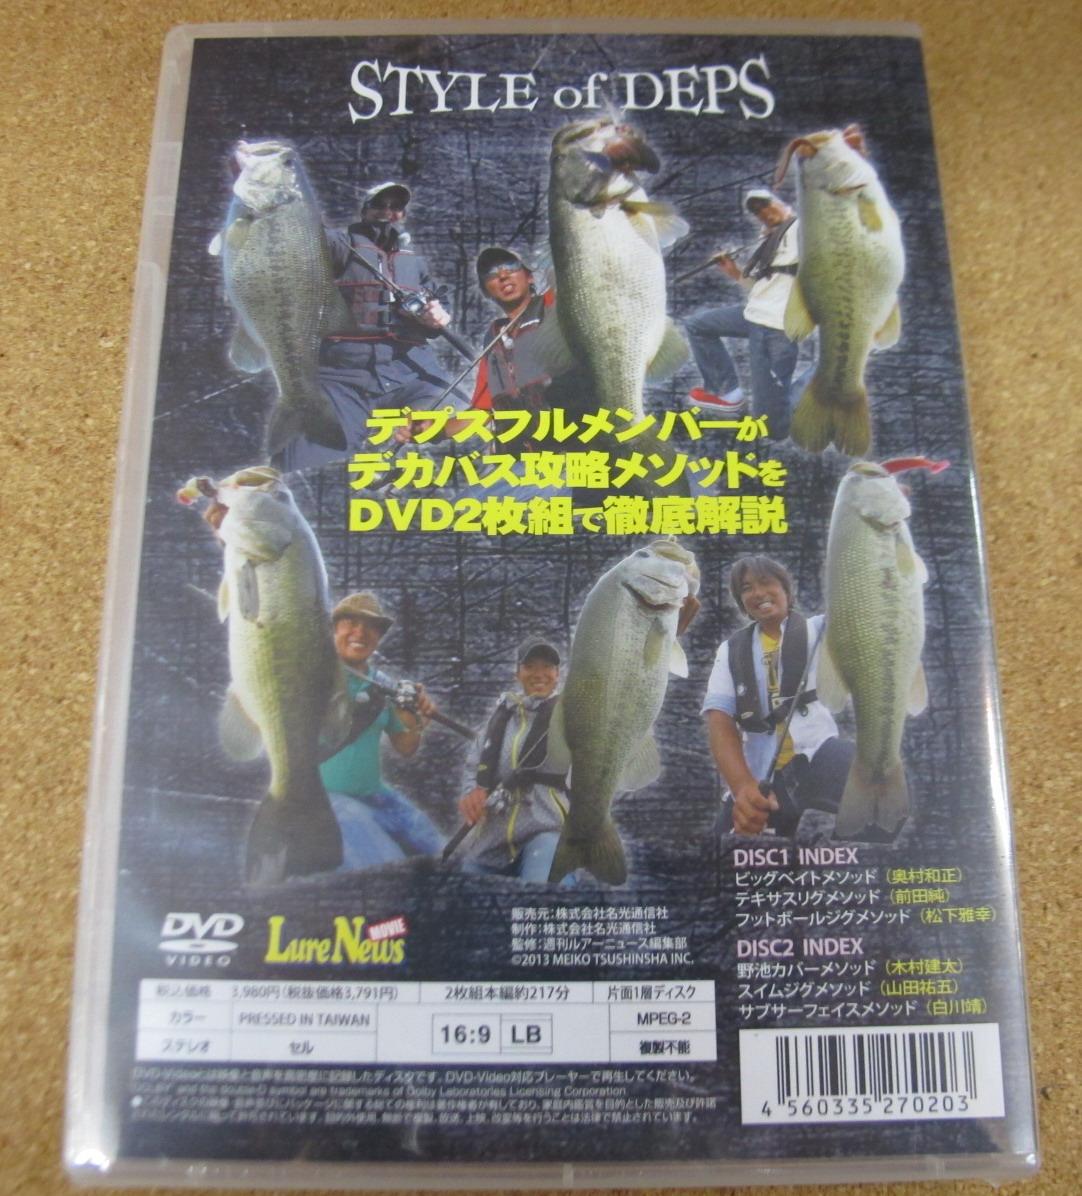 ルアーニュース depsスタイルプレミア  2枚組DVD_a0153216_18363391.jpg